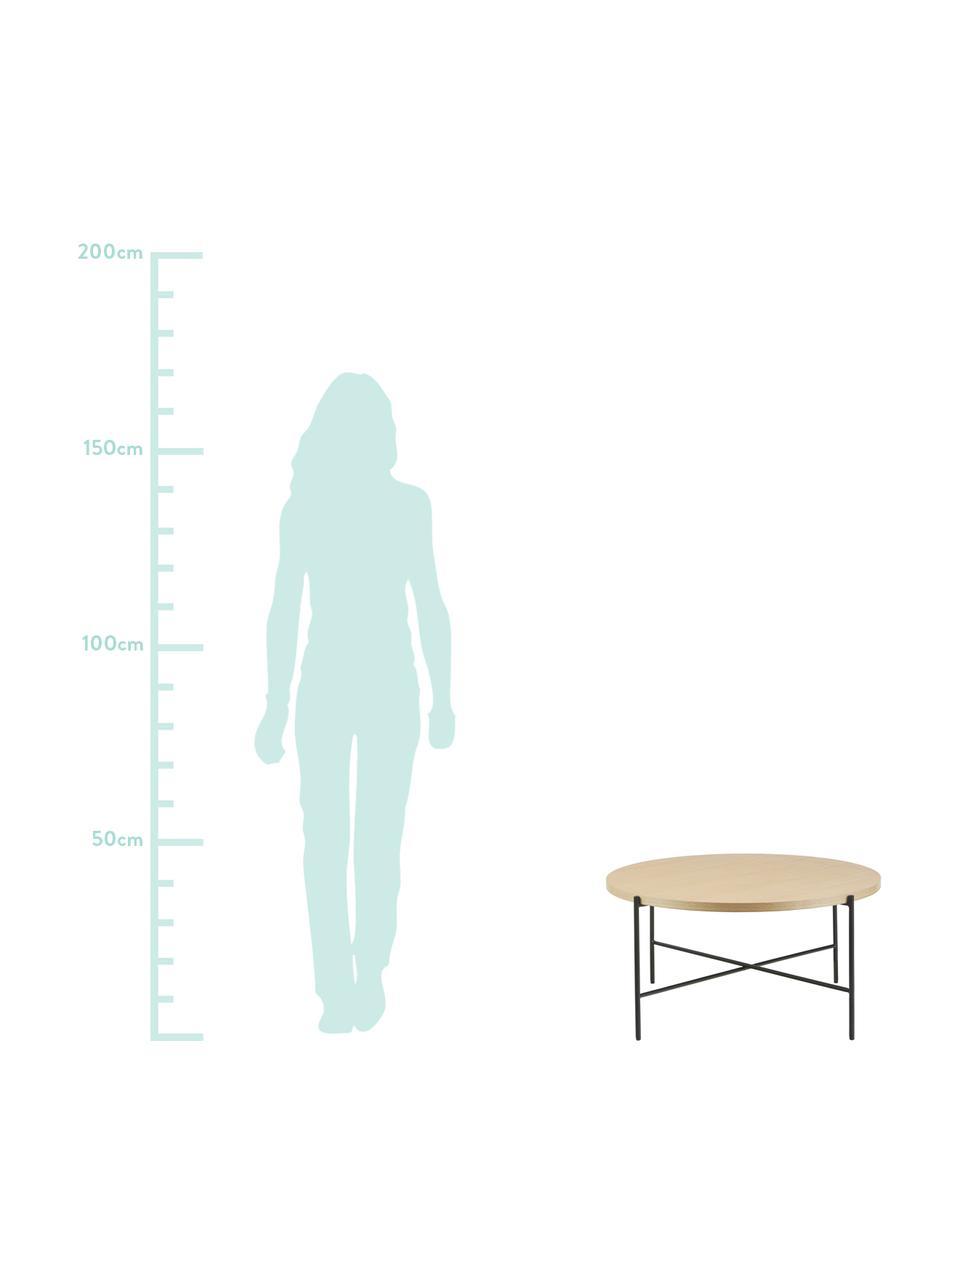 Couchtisch Mica mit Holzplatte, Tischplatte: Mitteldichte Holzfaserpla, Gestell: Metall, pulverbeschichtet, Braun, Ø 82 x H 41 cm